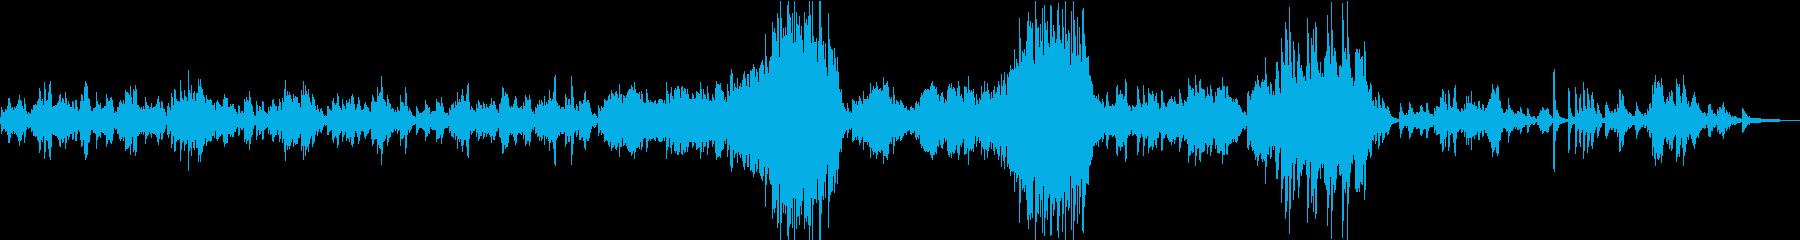 ショパン前奏曲第15番「雨だれ」の再生済みの波形